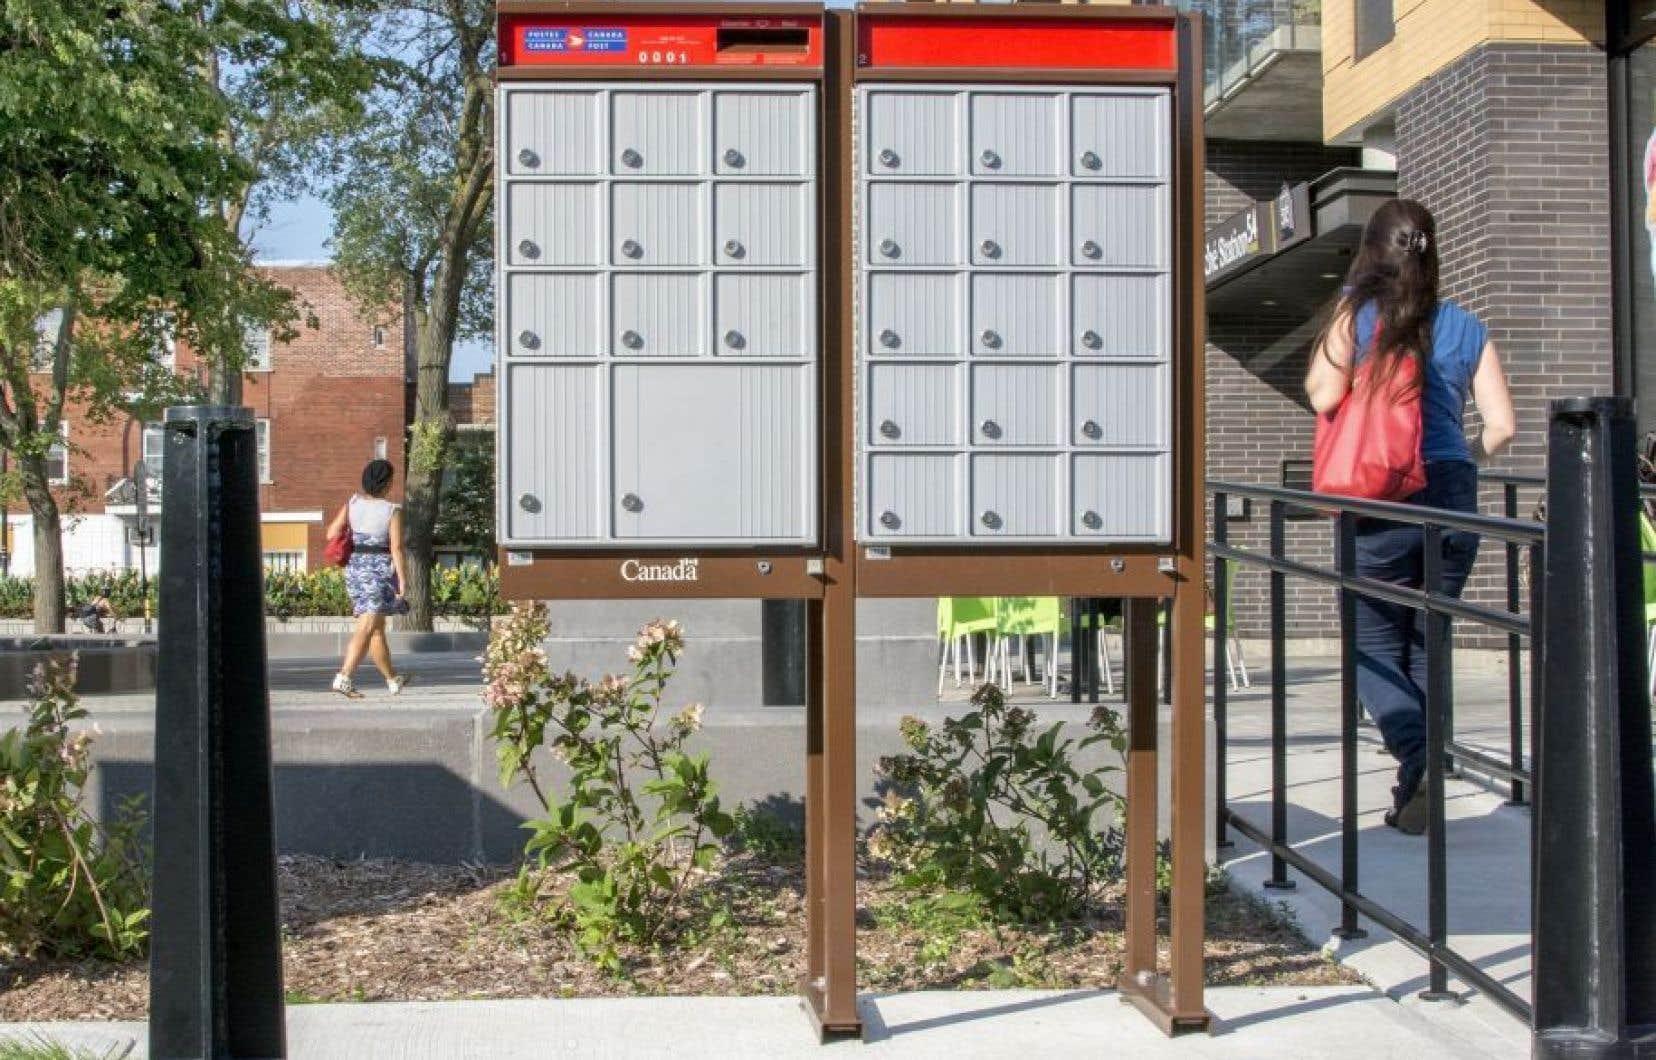 Postes Canada avait annoncé fin 2013 sa décision d'abolir la livraison des lettres à domicile graduellement sur une période de cinq ans.